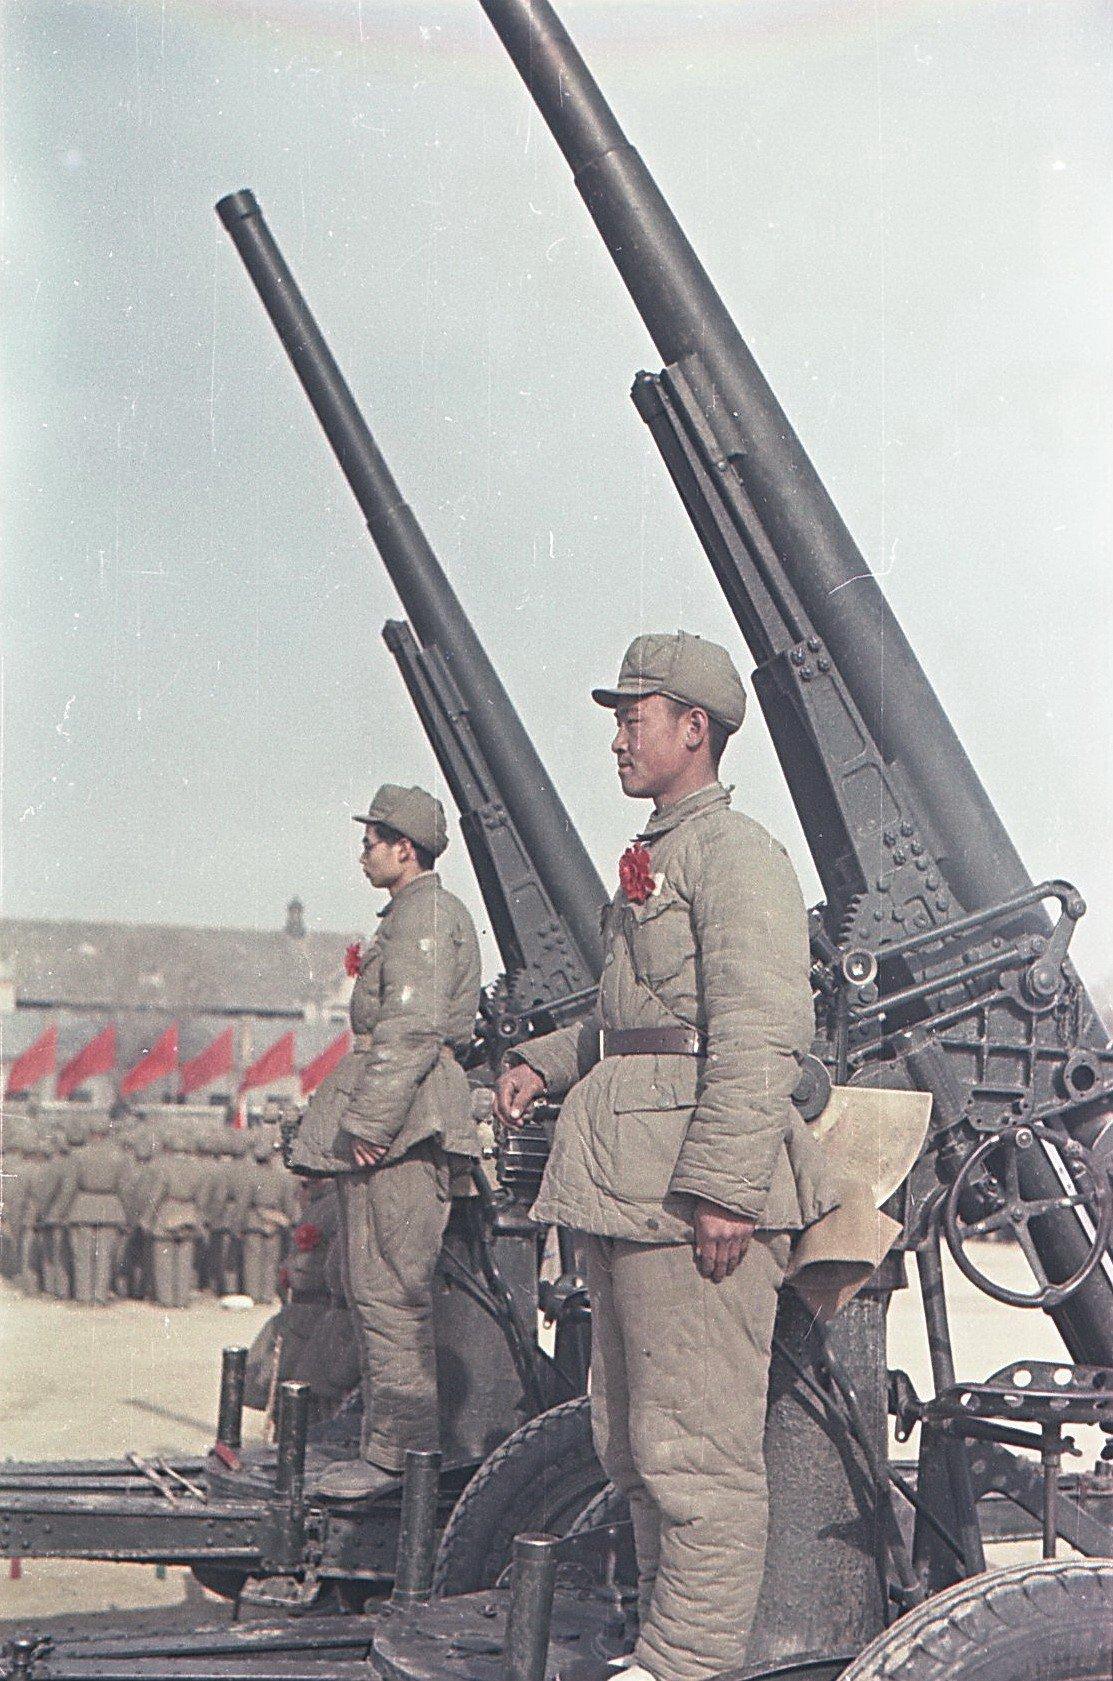 1949. Зенитчики Народно-освободительной армии Китая (НОА). 21.12.